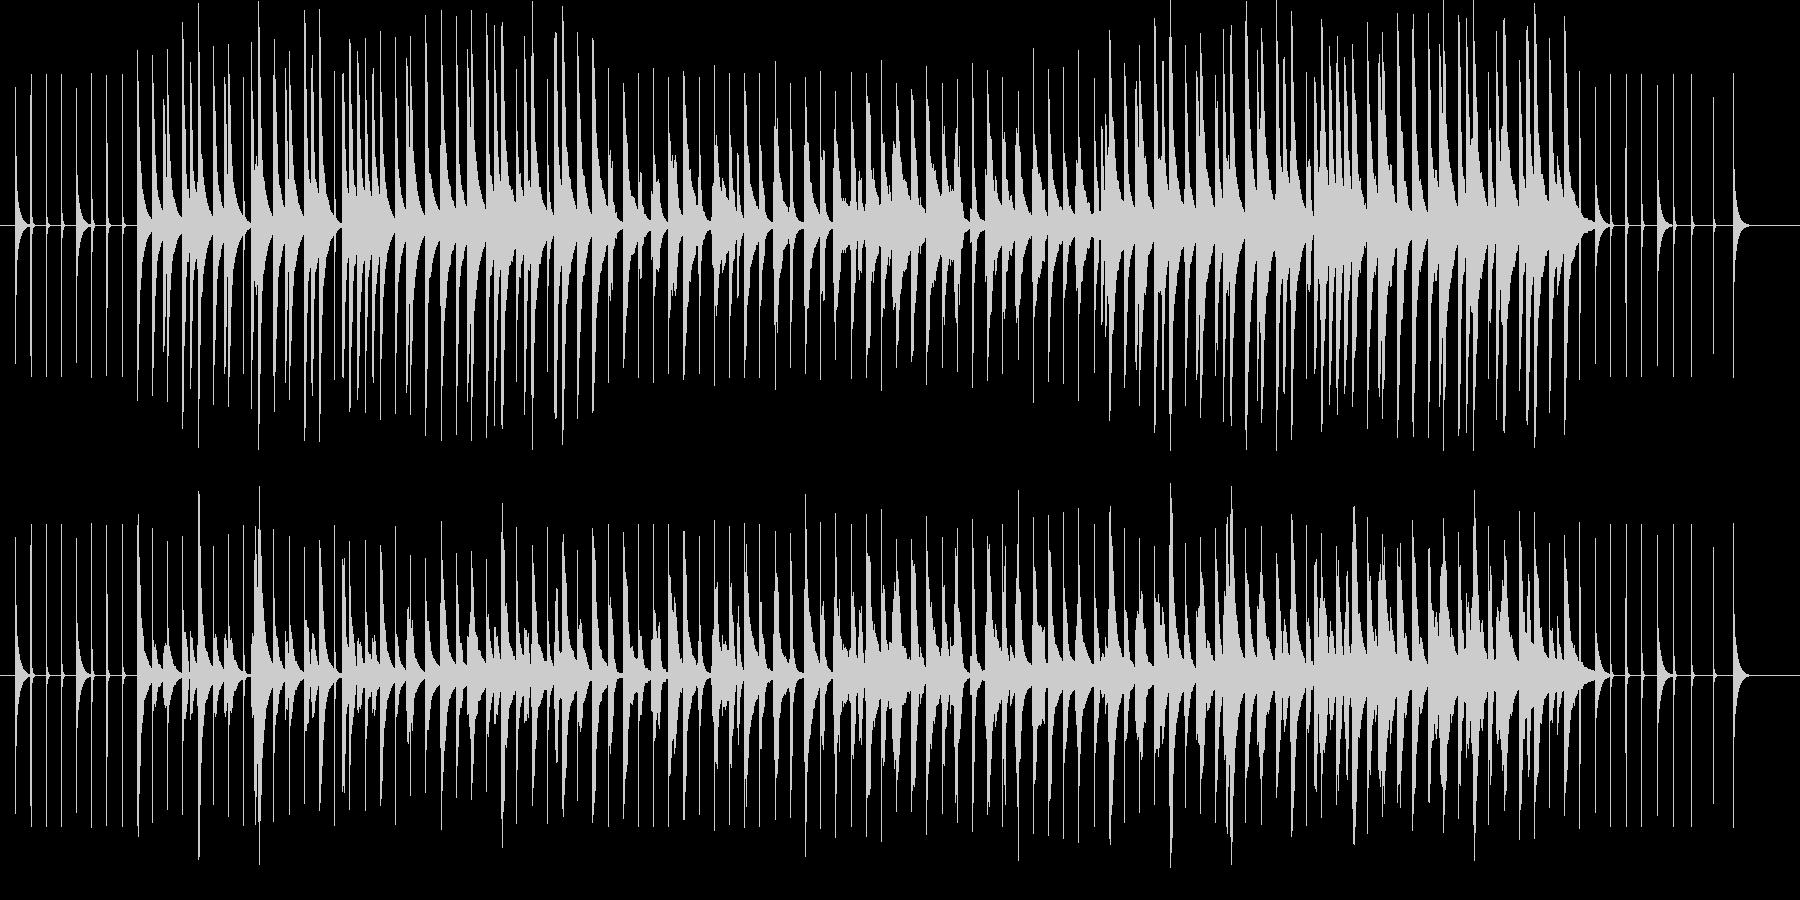 オルゴール楽曲です。大型の色々な楽器が…の未再生の波形